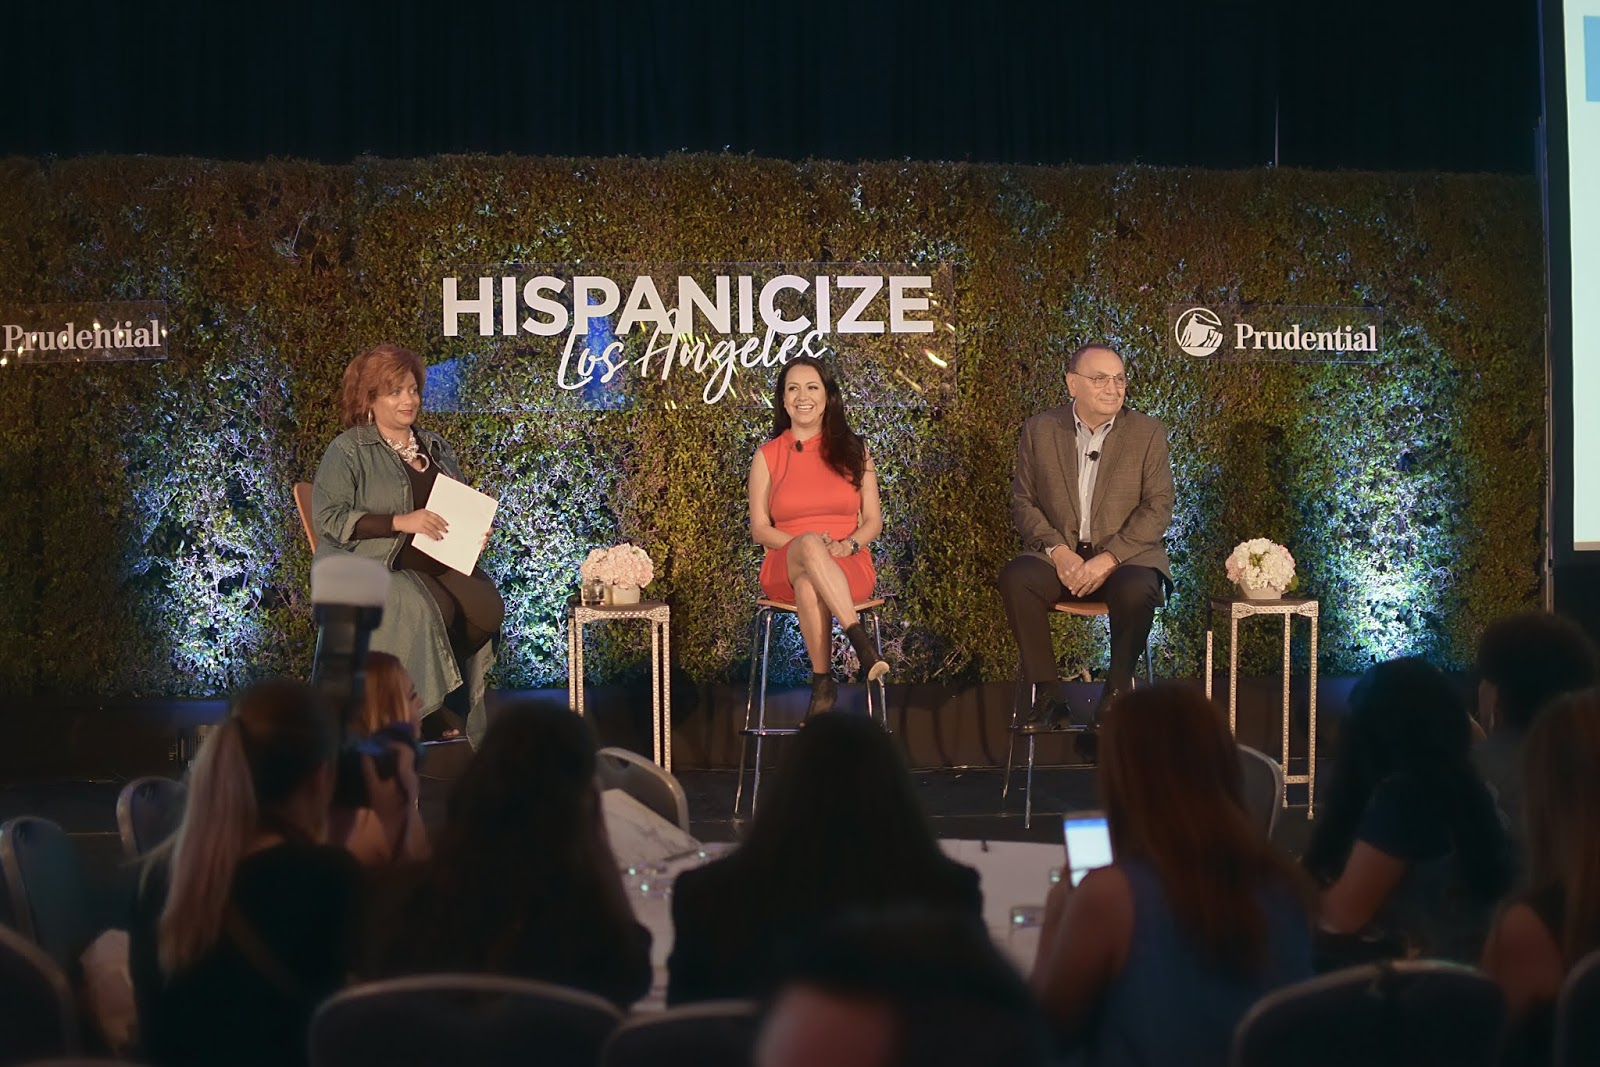 Cómo Lograr Salud Financiera? by Mari Estilo - Prudential durante Hispanicize LA-dime media-dcblogger-prudential ambassador-